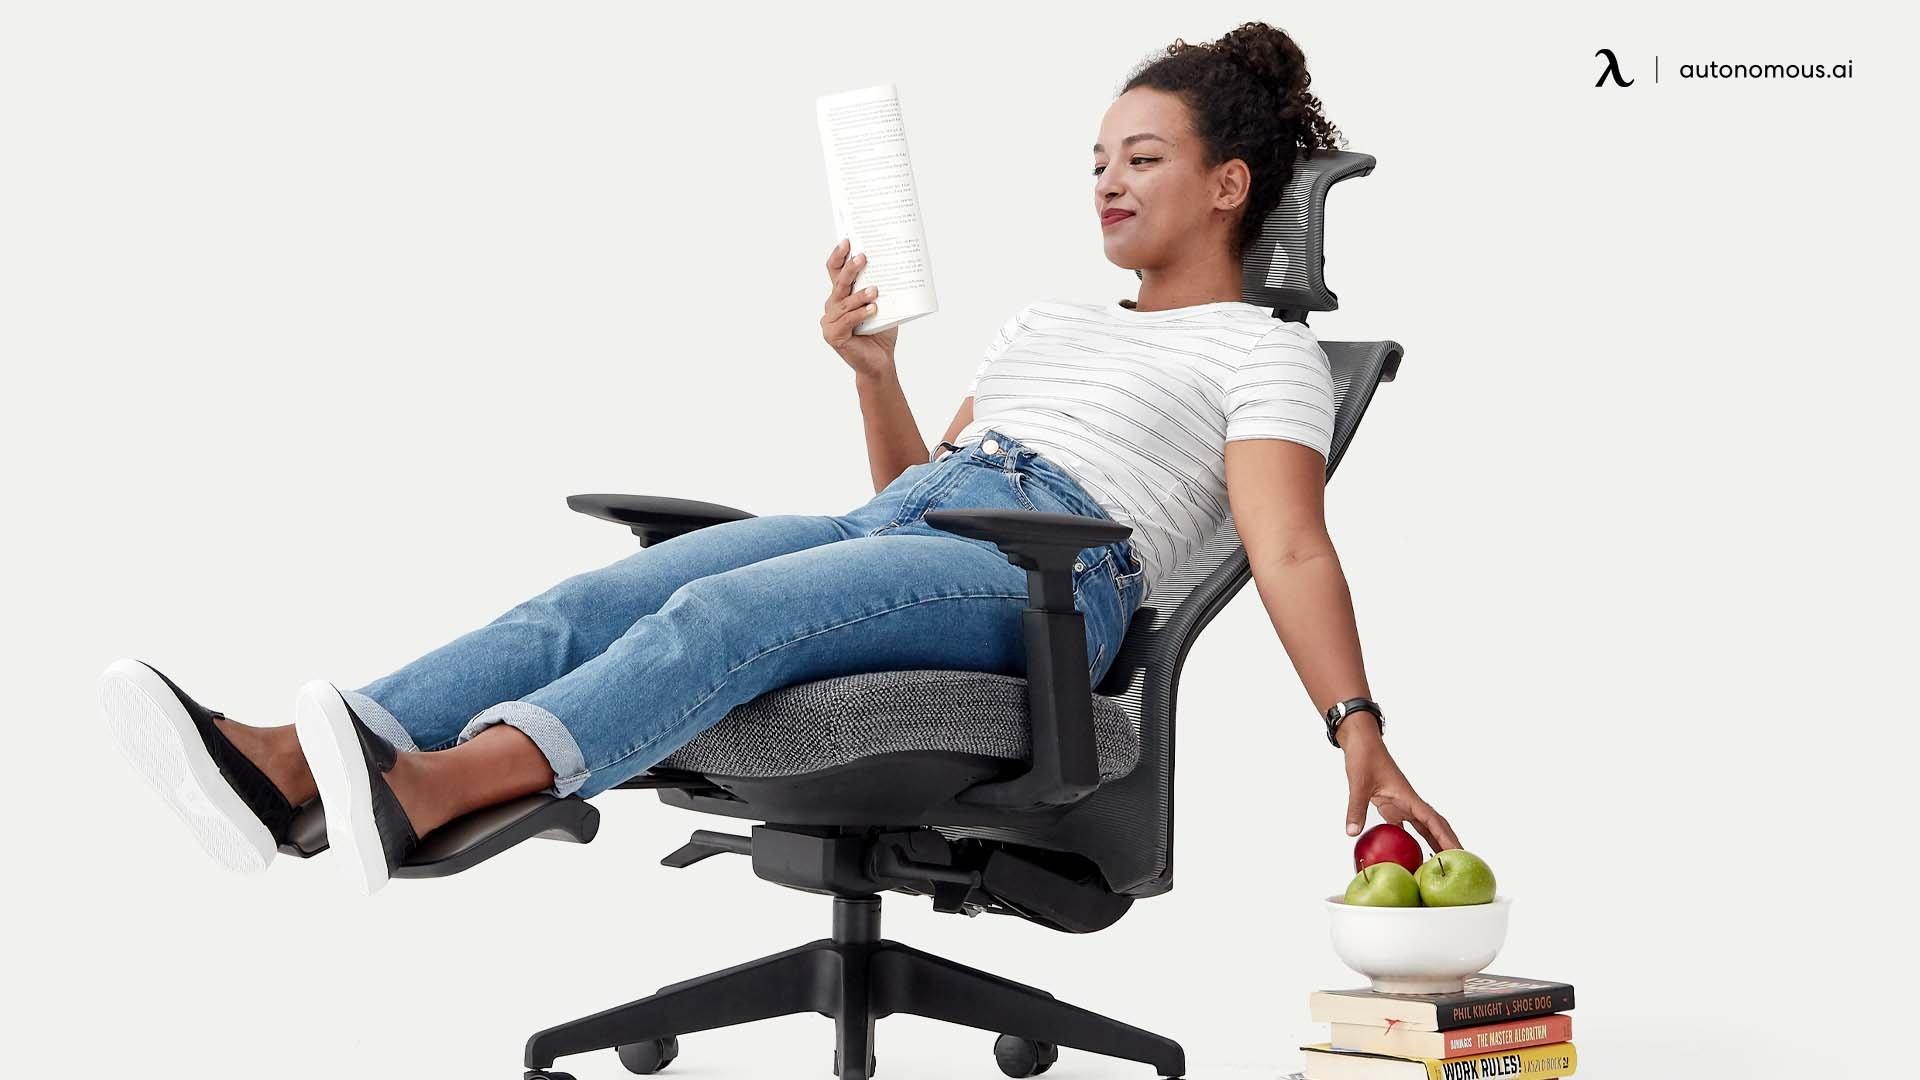 Lumbar and reclining